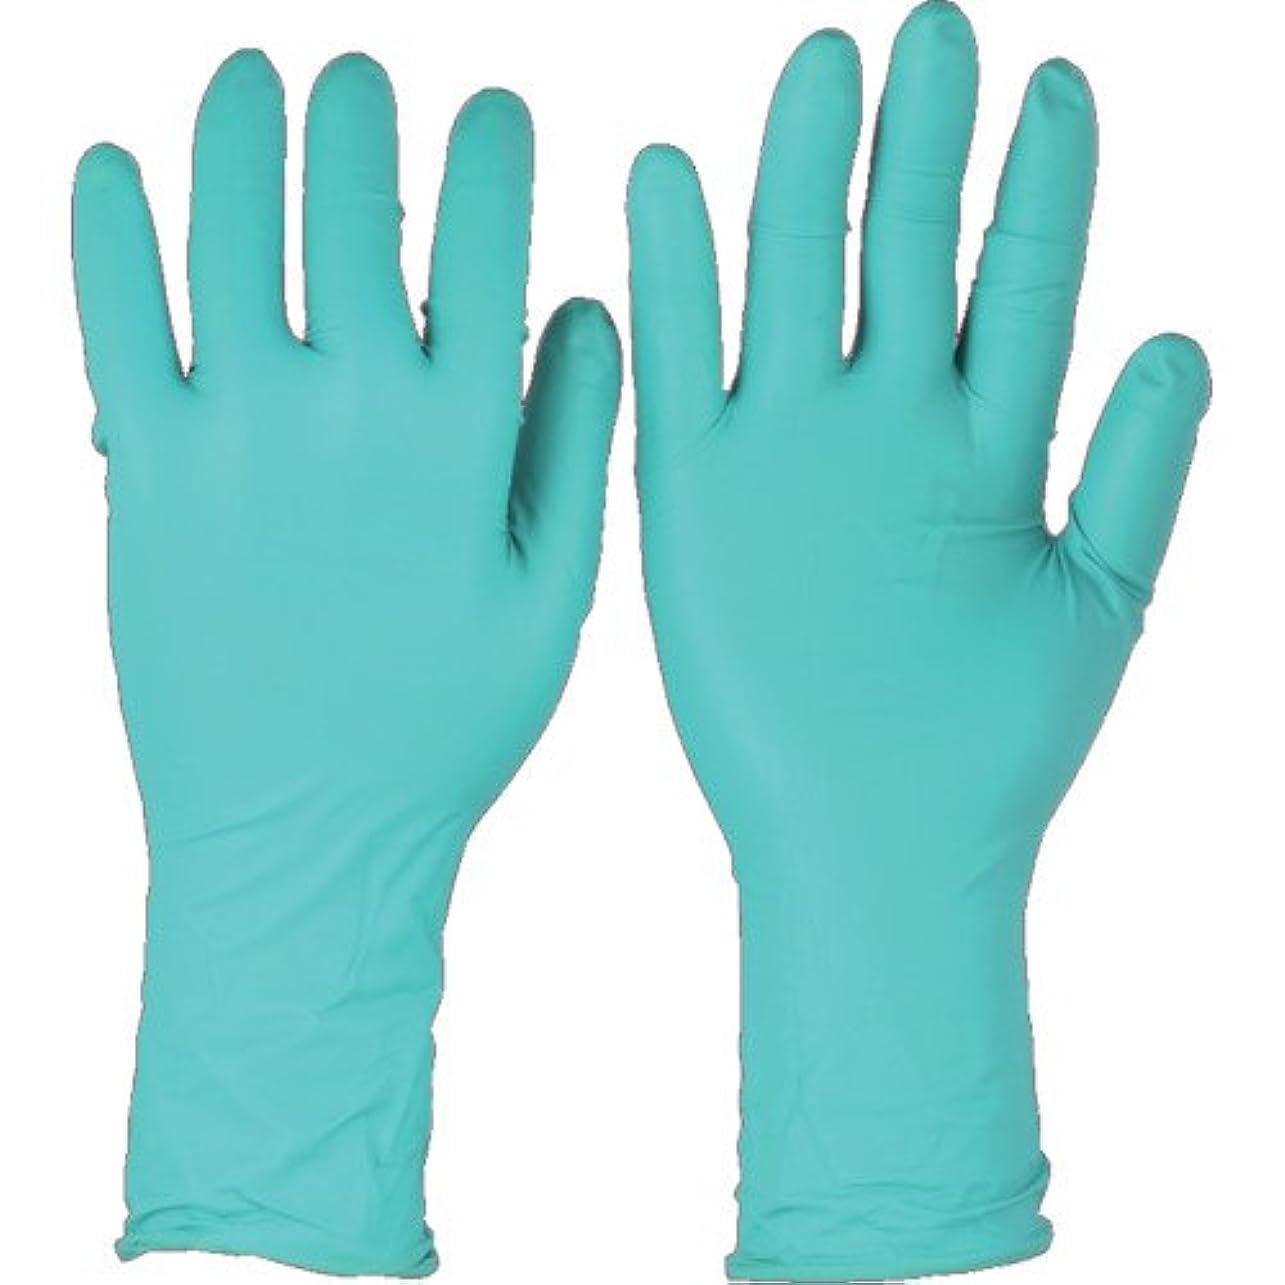 キャンペーン仲良し取り除くトラスコ中山 アンセル ネオプレンゴム使い捨て手袋 マイクロフレックス 93-260 Mサイズ (50枚入)  932608